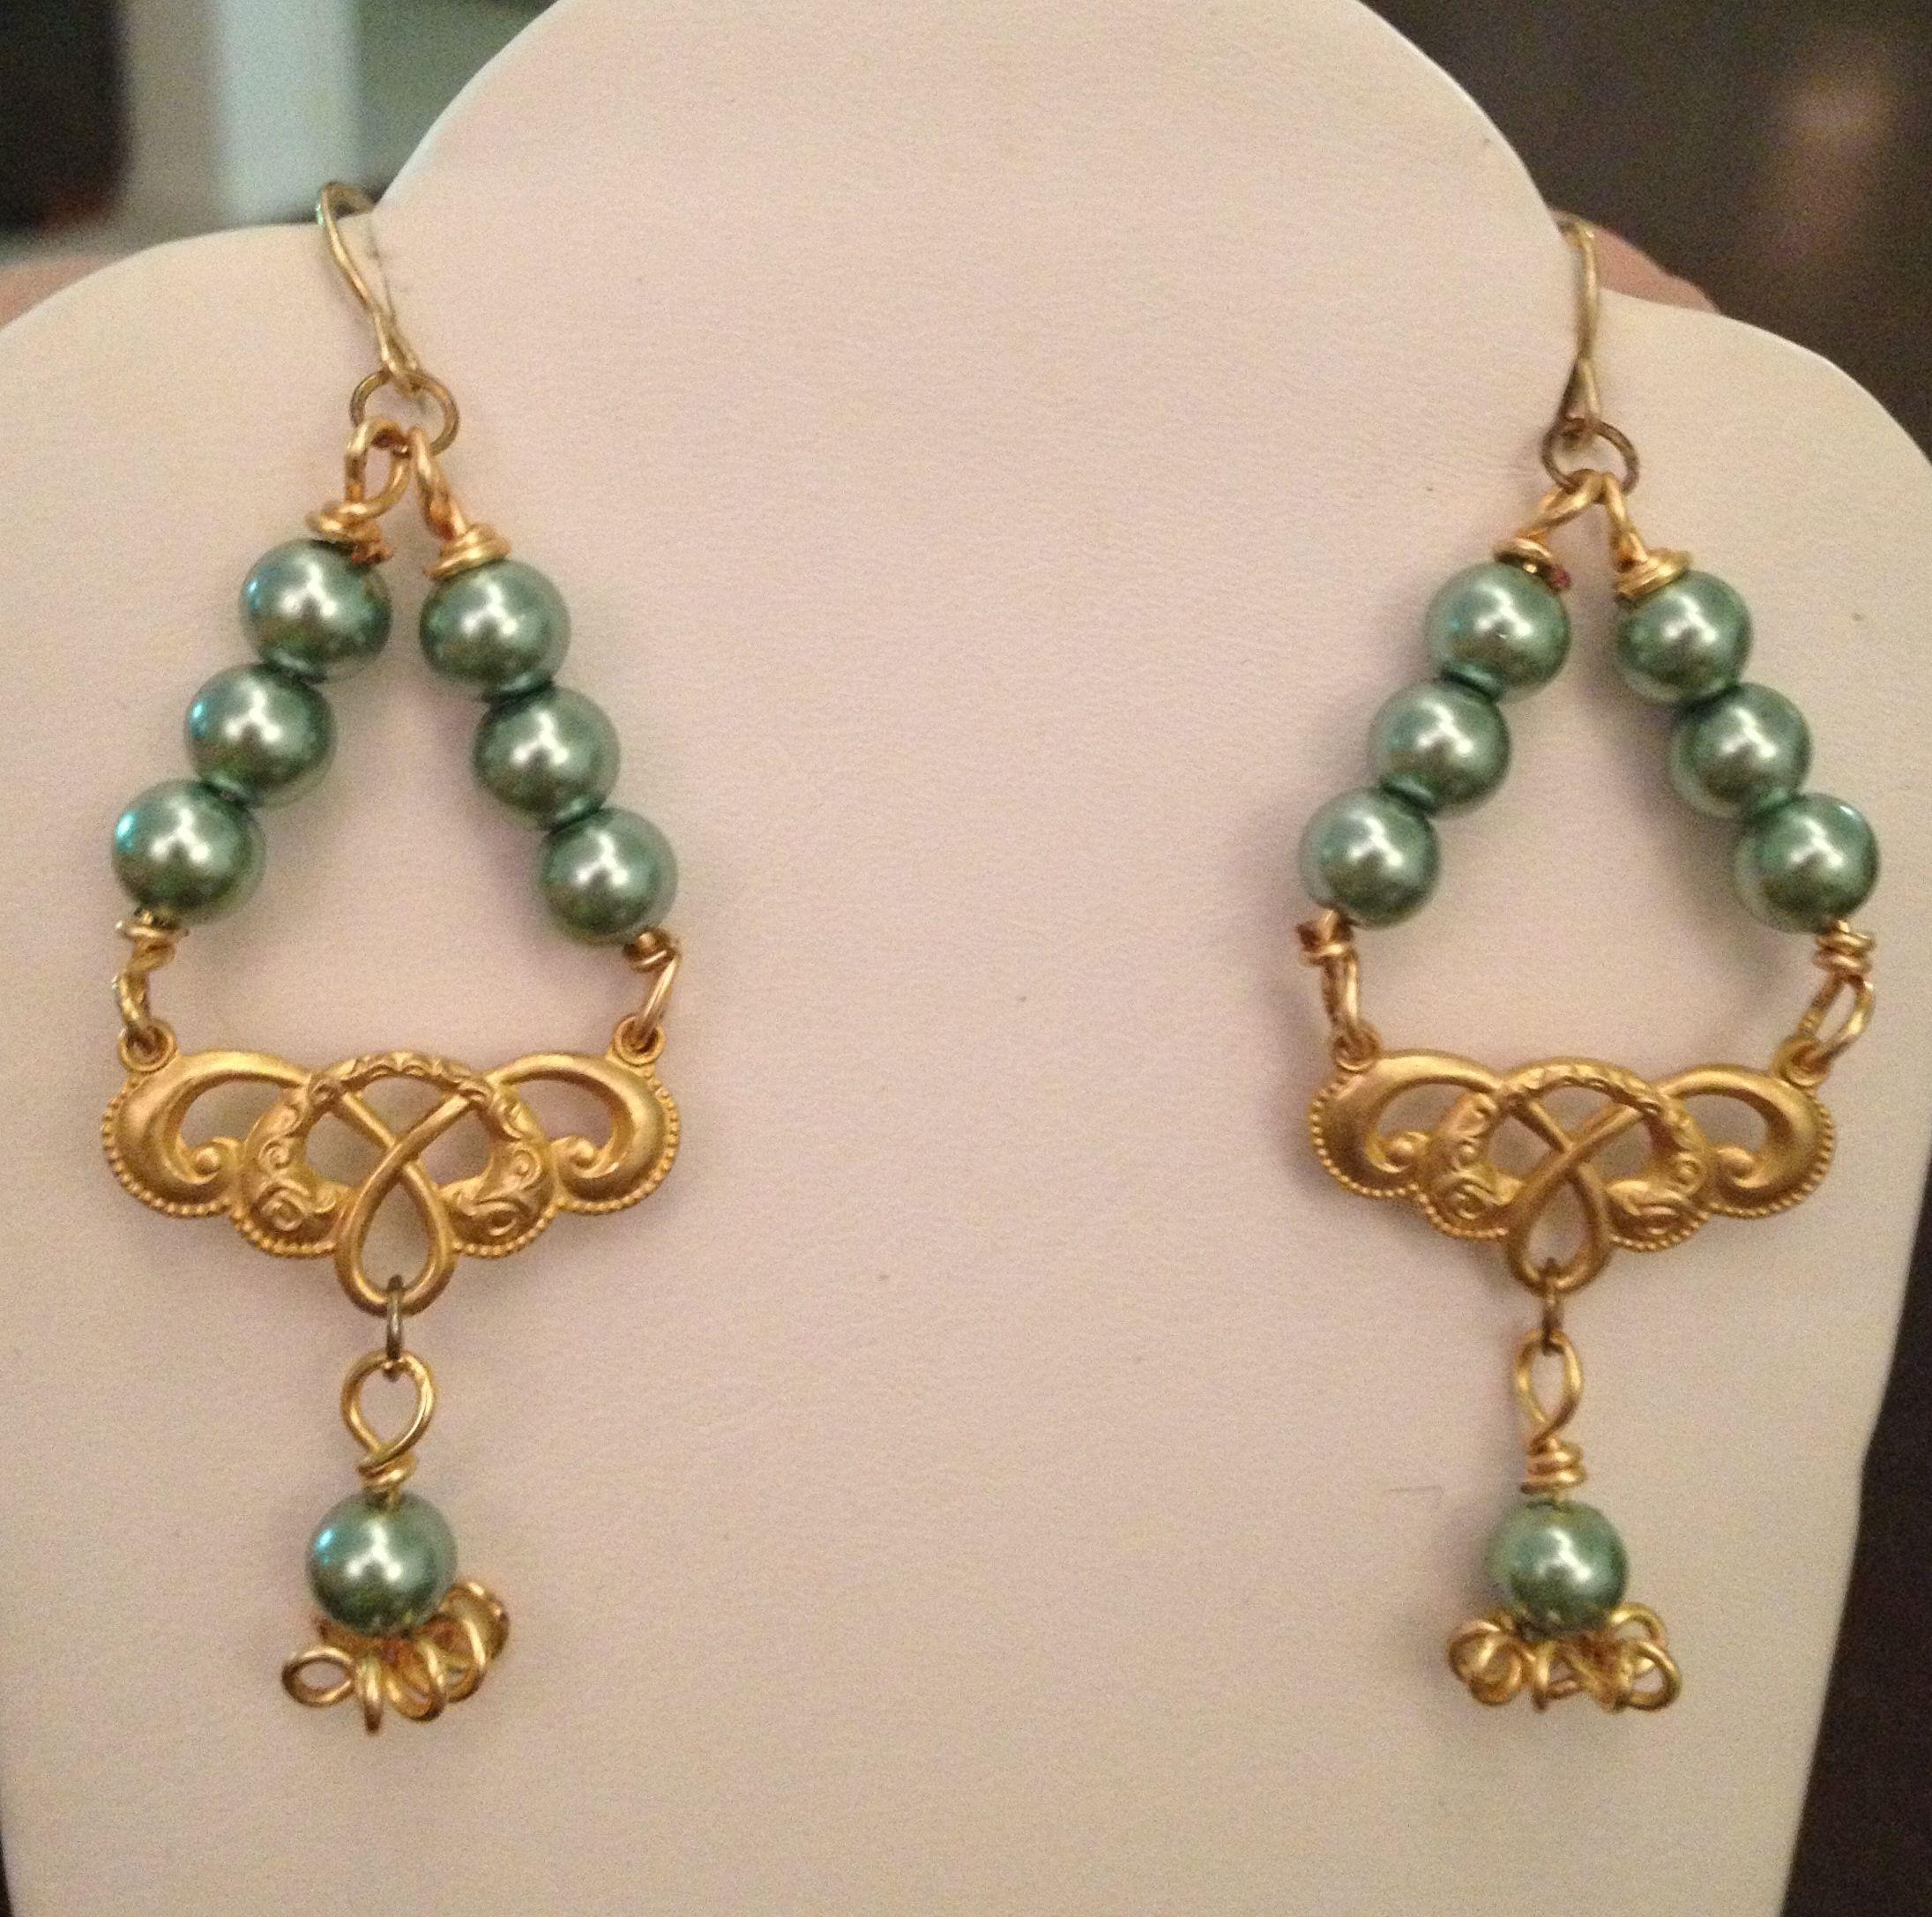 ZeZe Jewelry earrings